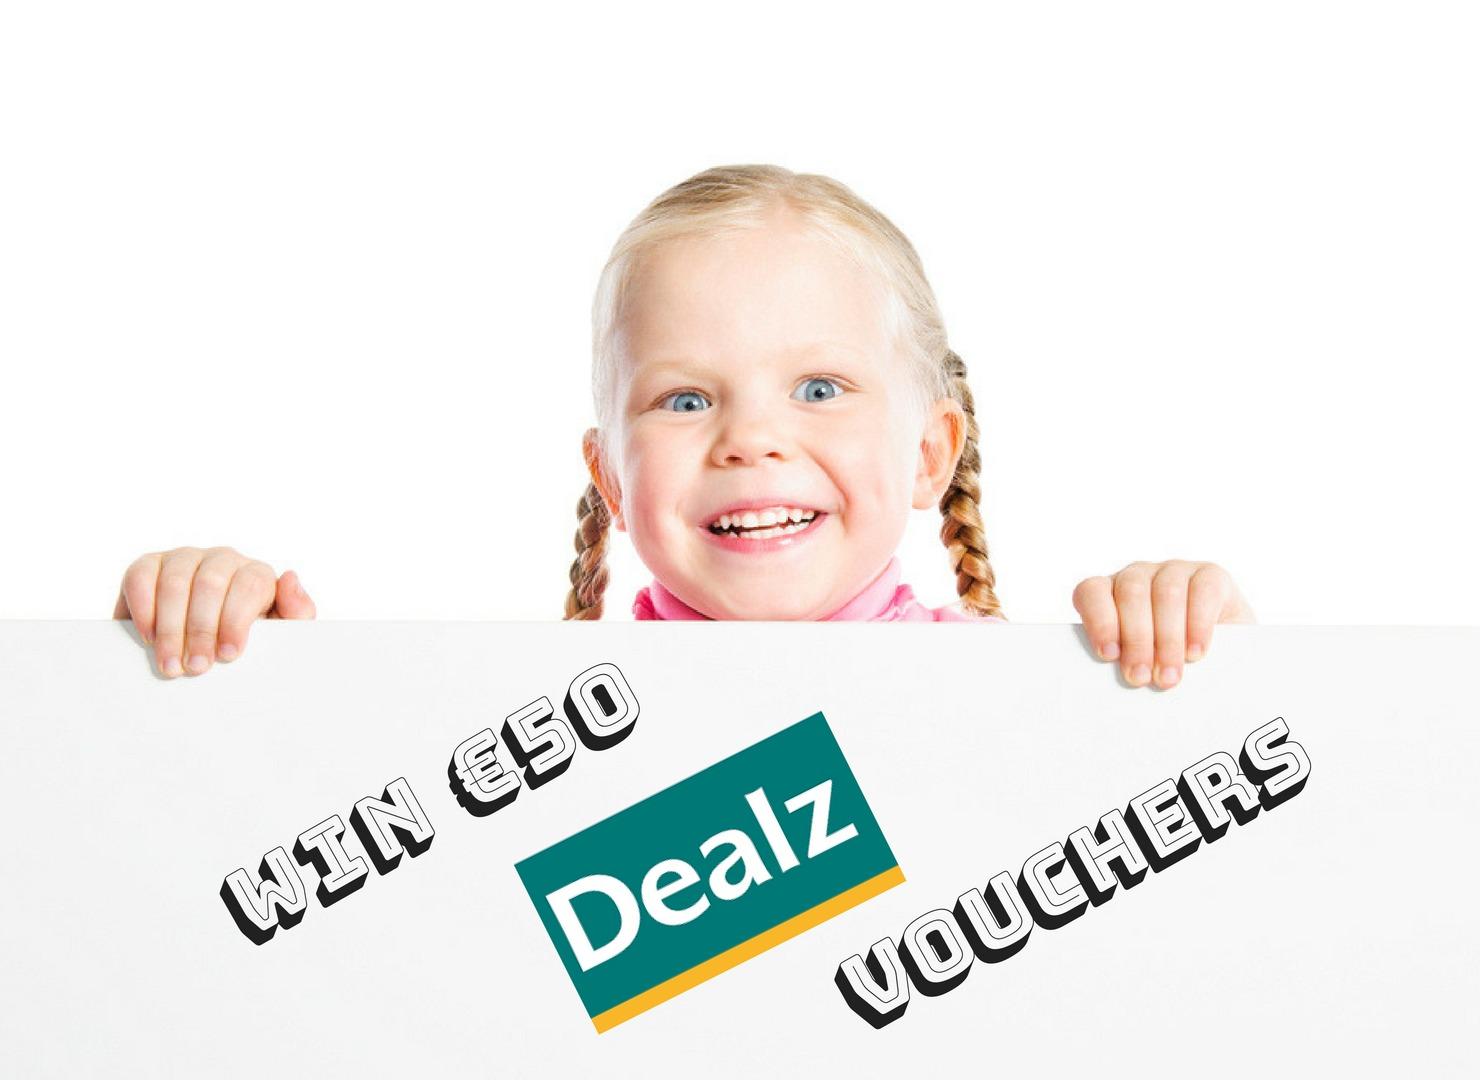 dealz competition